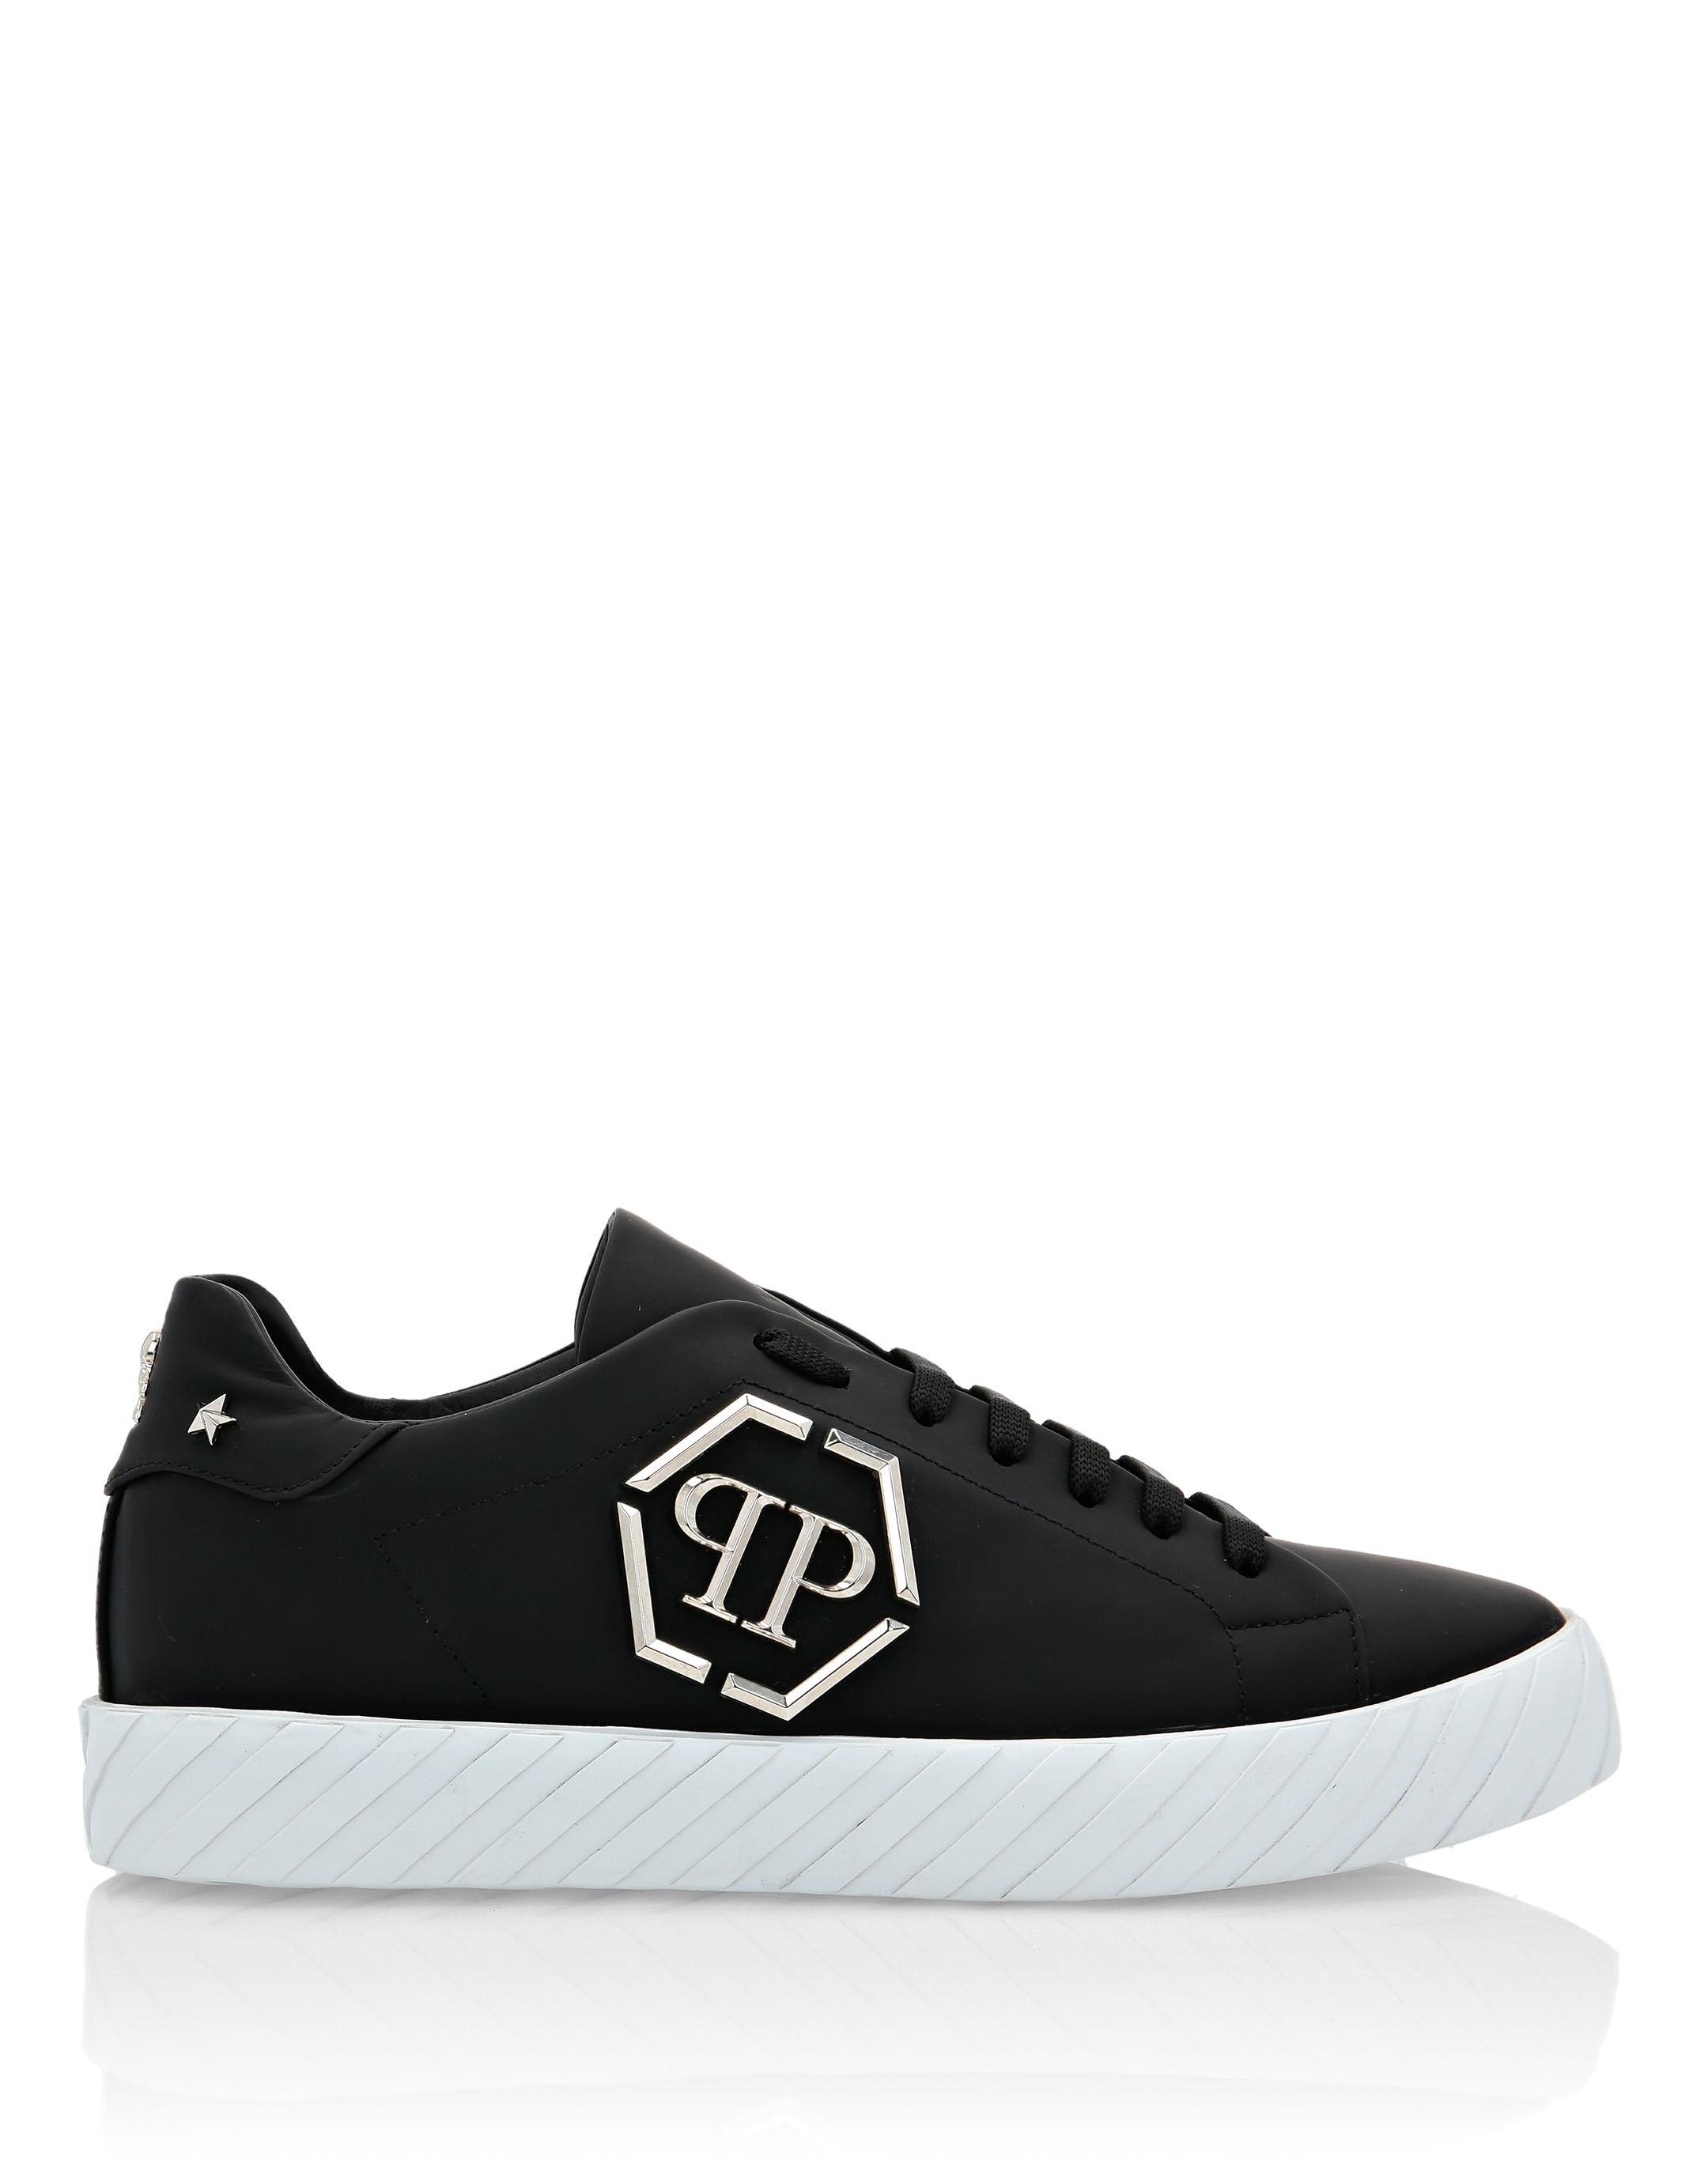 Adidas Skateboarding Schuhe Herren Test 2020 ???? ▷ Die Top 7